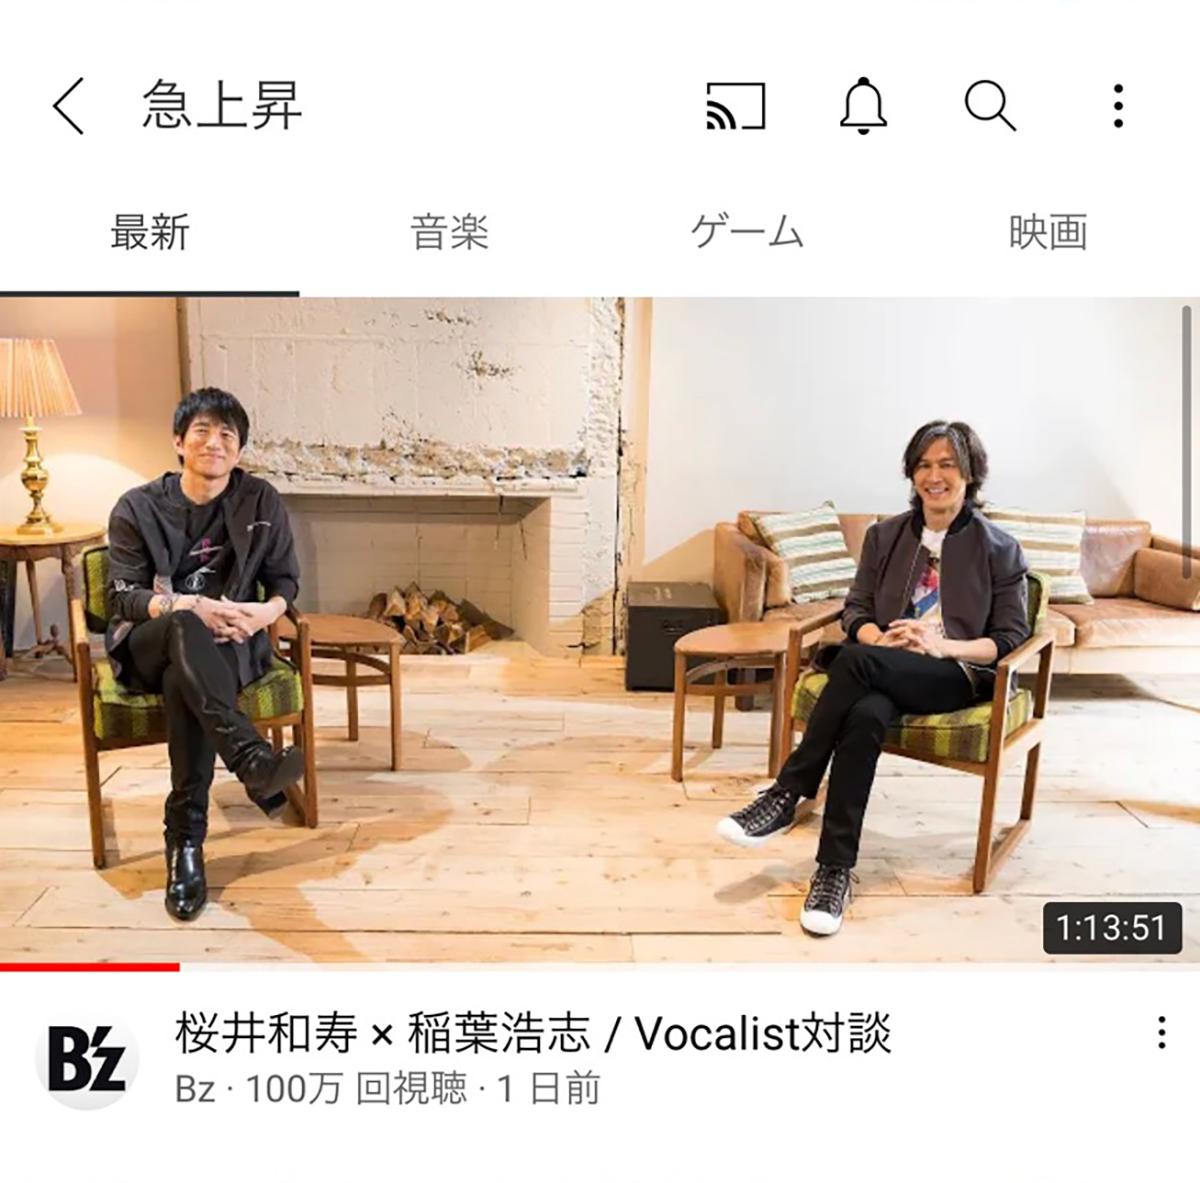 B'z稲葉浩志とMr.Children桜井和寿の対談動画がYouTube急上昇ランキング1位になっている画面